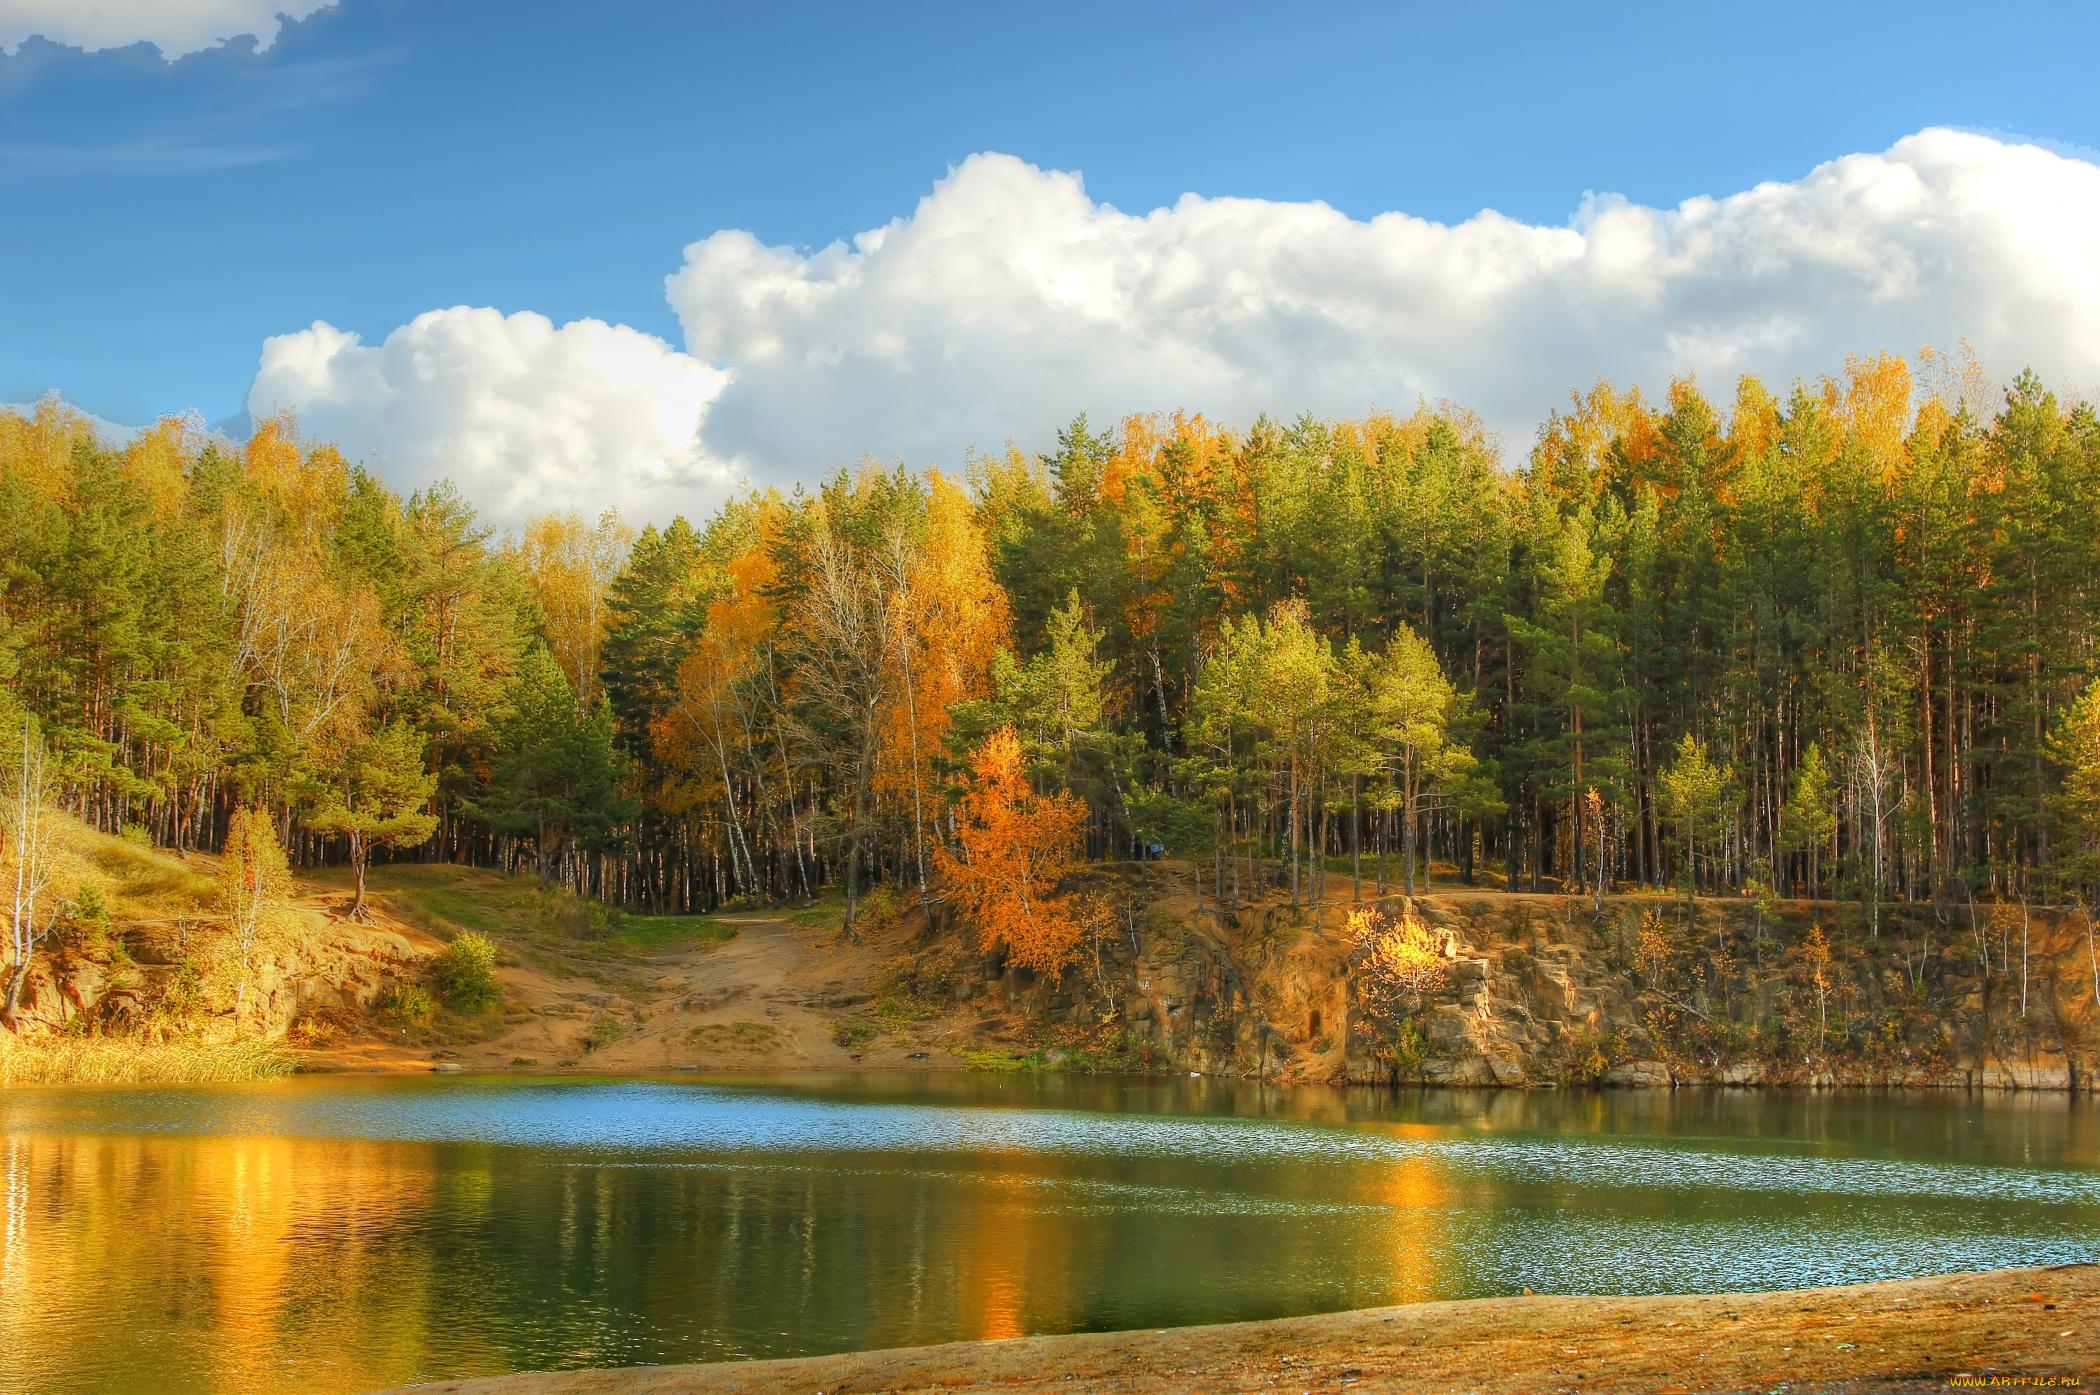 обои на рабочий стол осень природа река озеро лес № 241649 загрузить